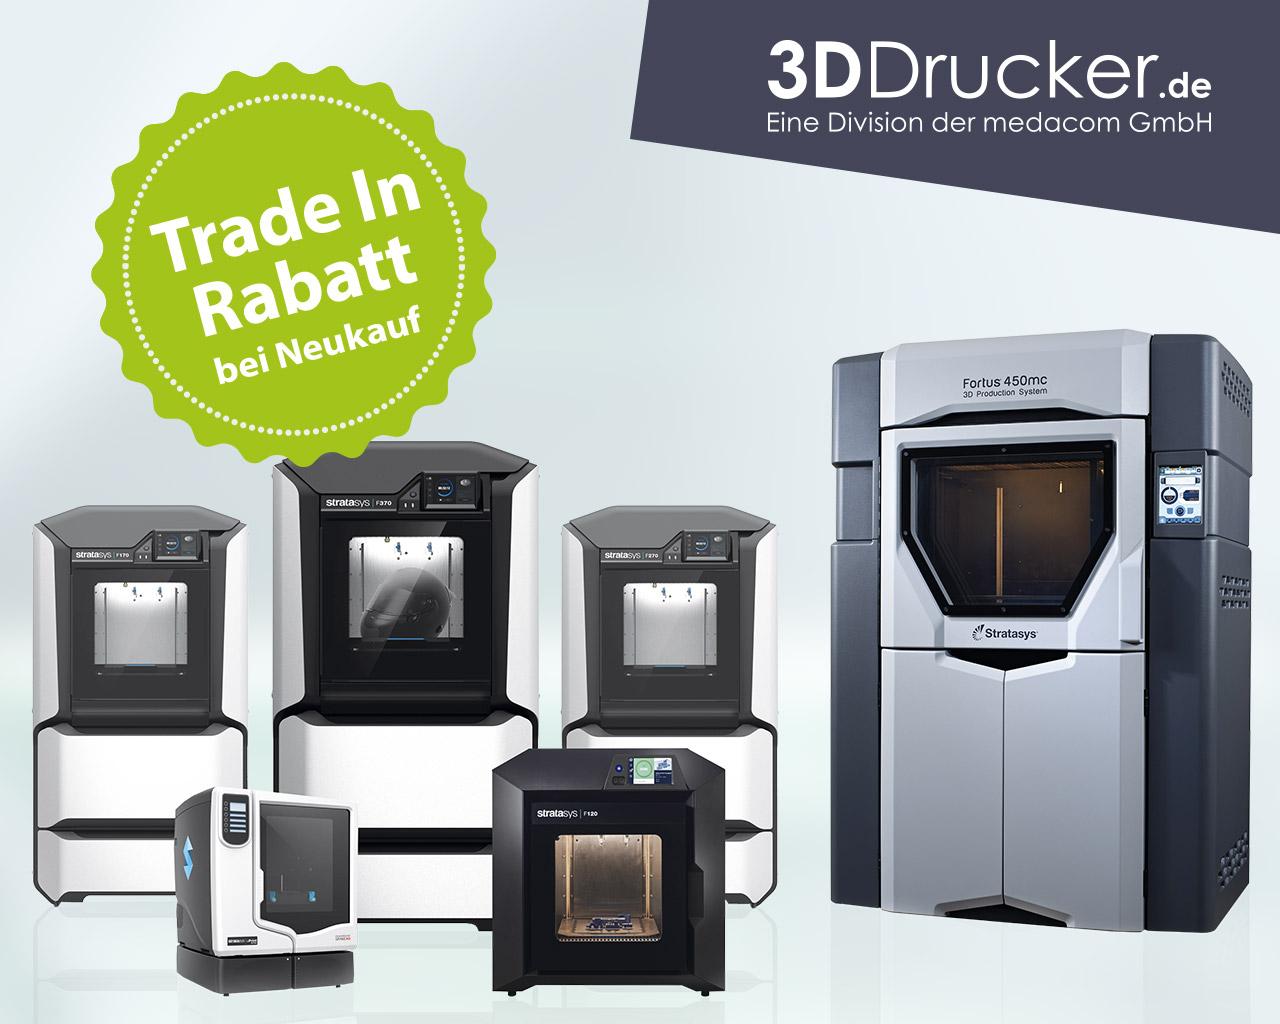 3D Druck Angebot | TradeIn Rabatt bei Neukauf